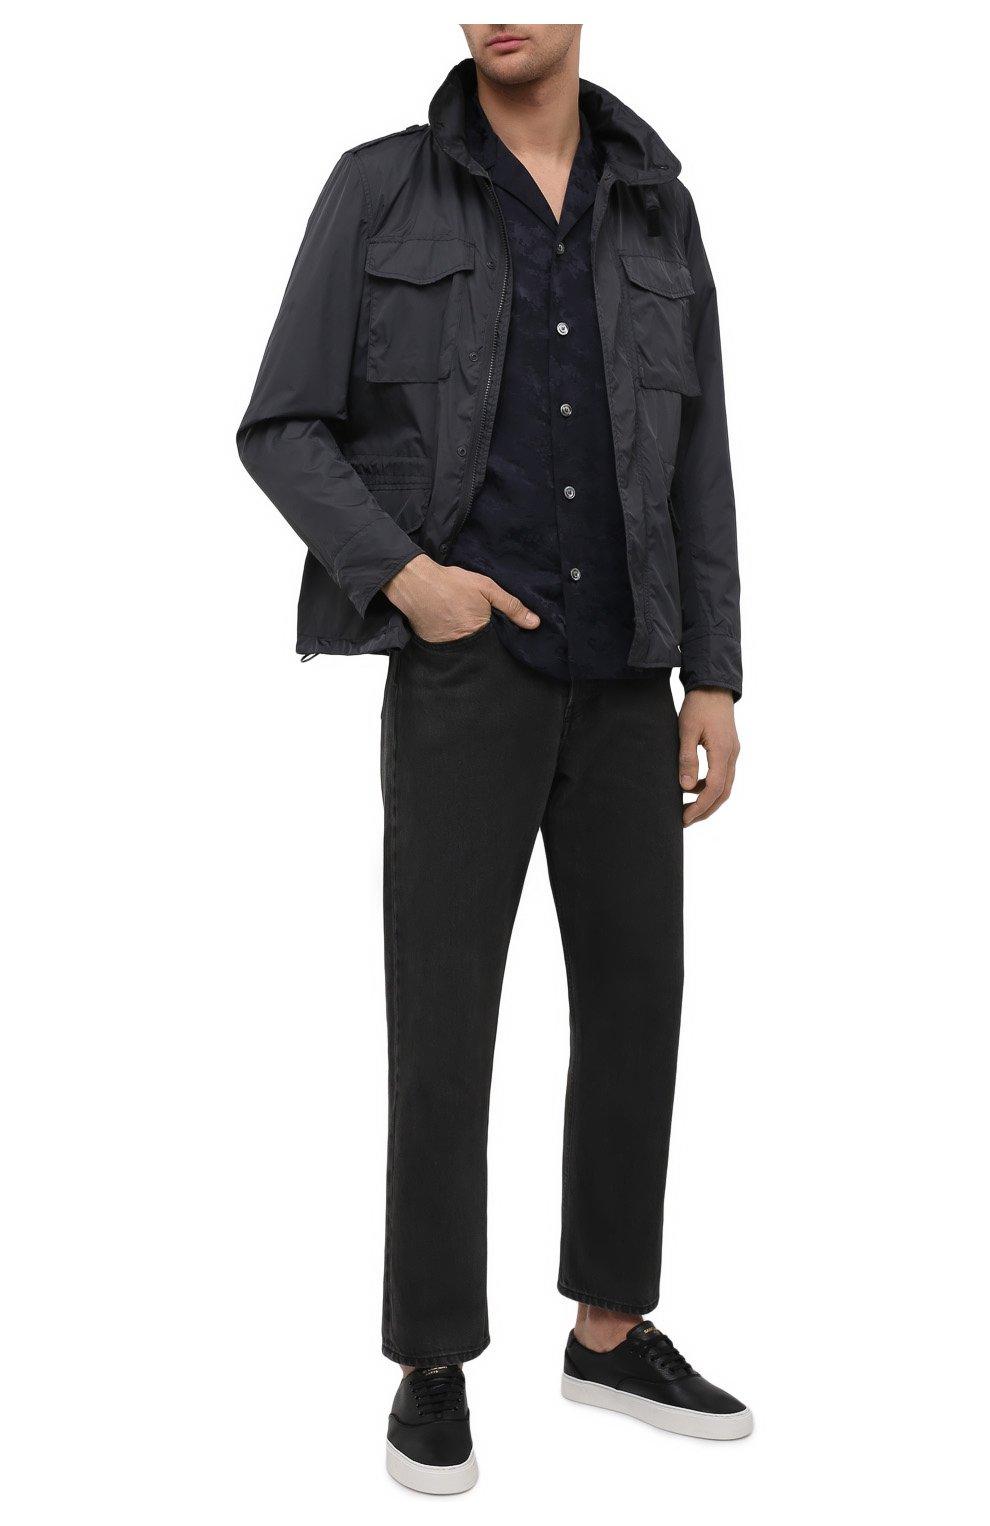 Мужская рубашка ASPESI темно-синего цвета, арт. S1 A CE53 G422 | Фото 2 (Манжеты: На пуговицах; Рукава: Длинные; Случай: Повседневный; Материал внешний: Синтетический материал, Хлопок; Длина (для топов): Стандартные; Принт: С принтом; Воротник: Отложной; Стили: Кэжуэл)